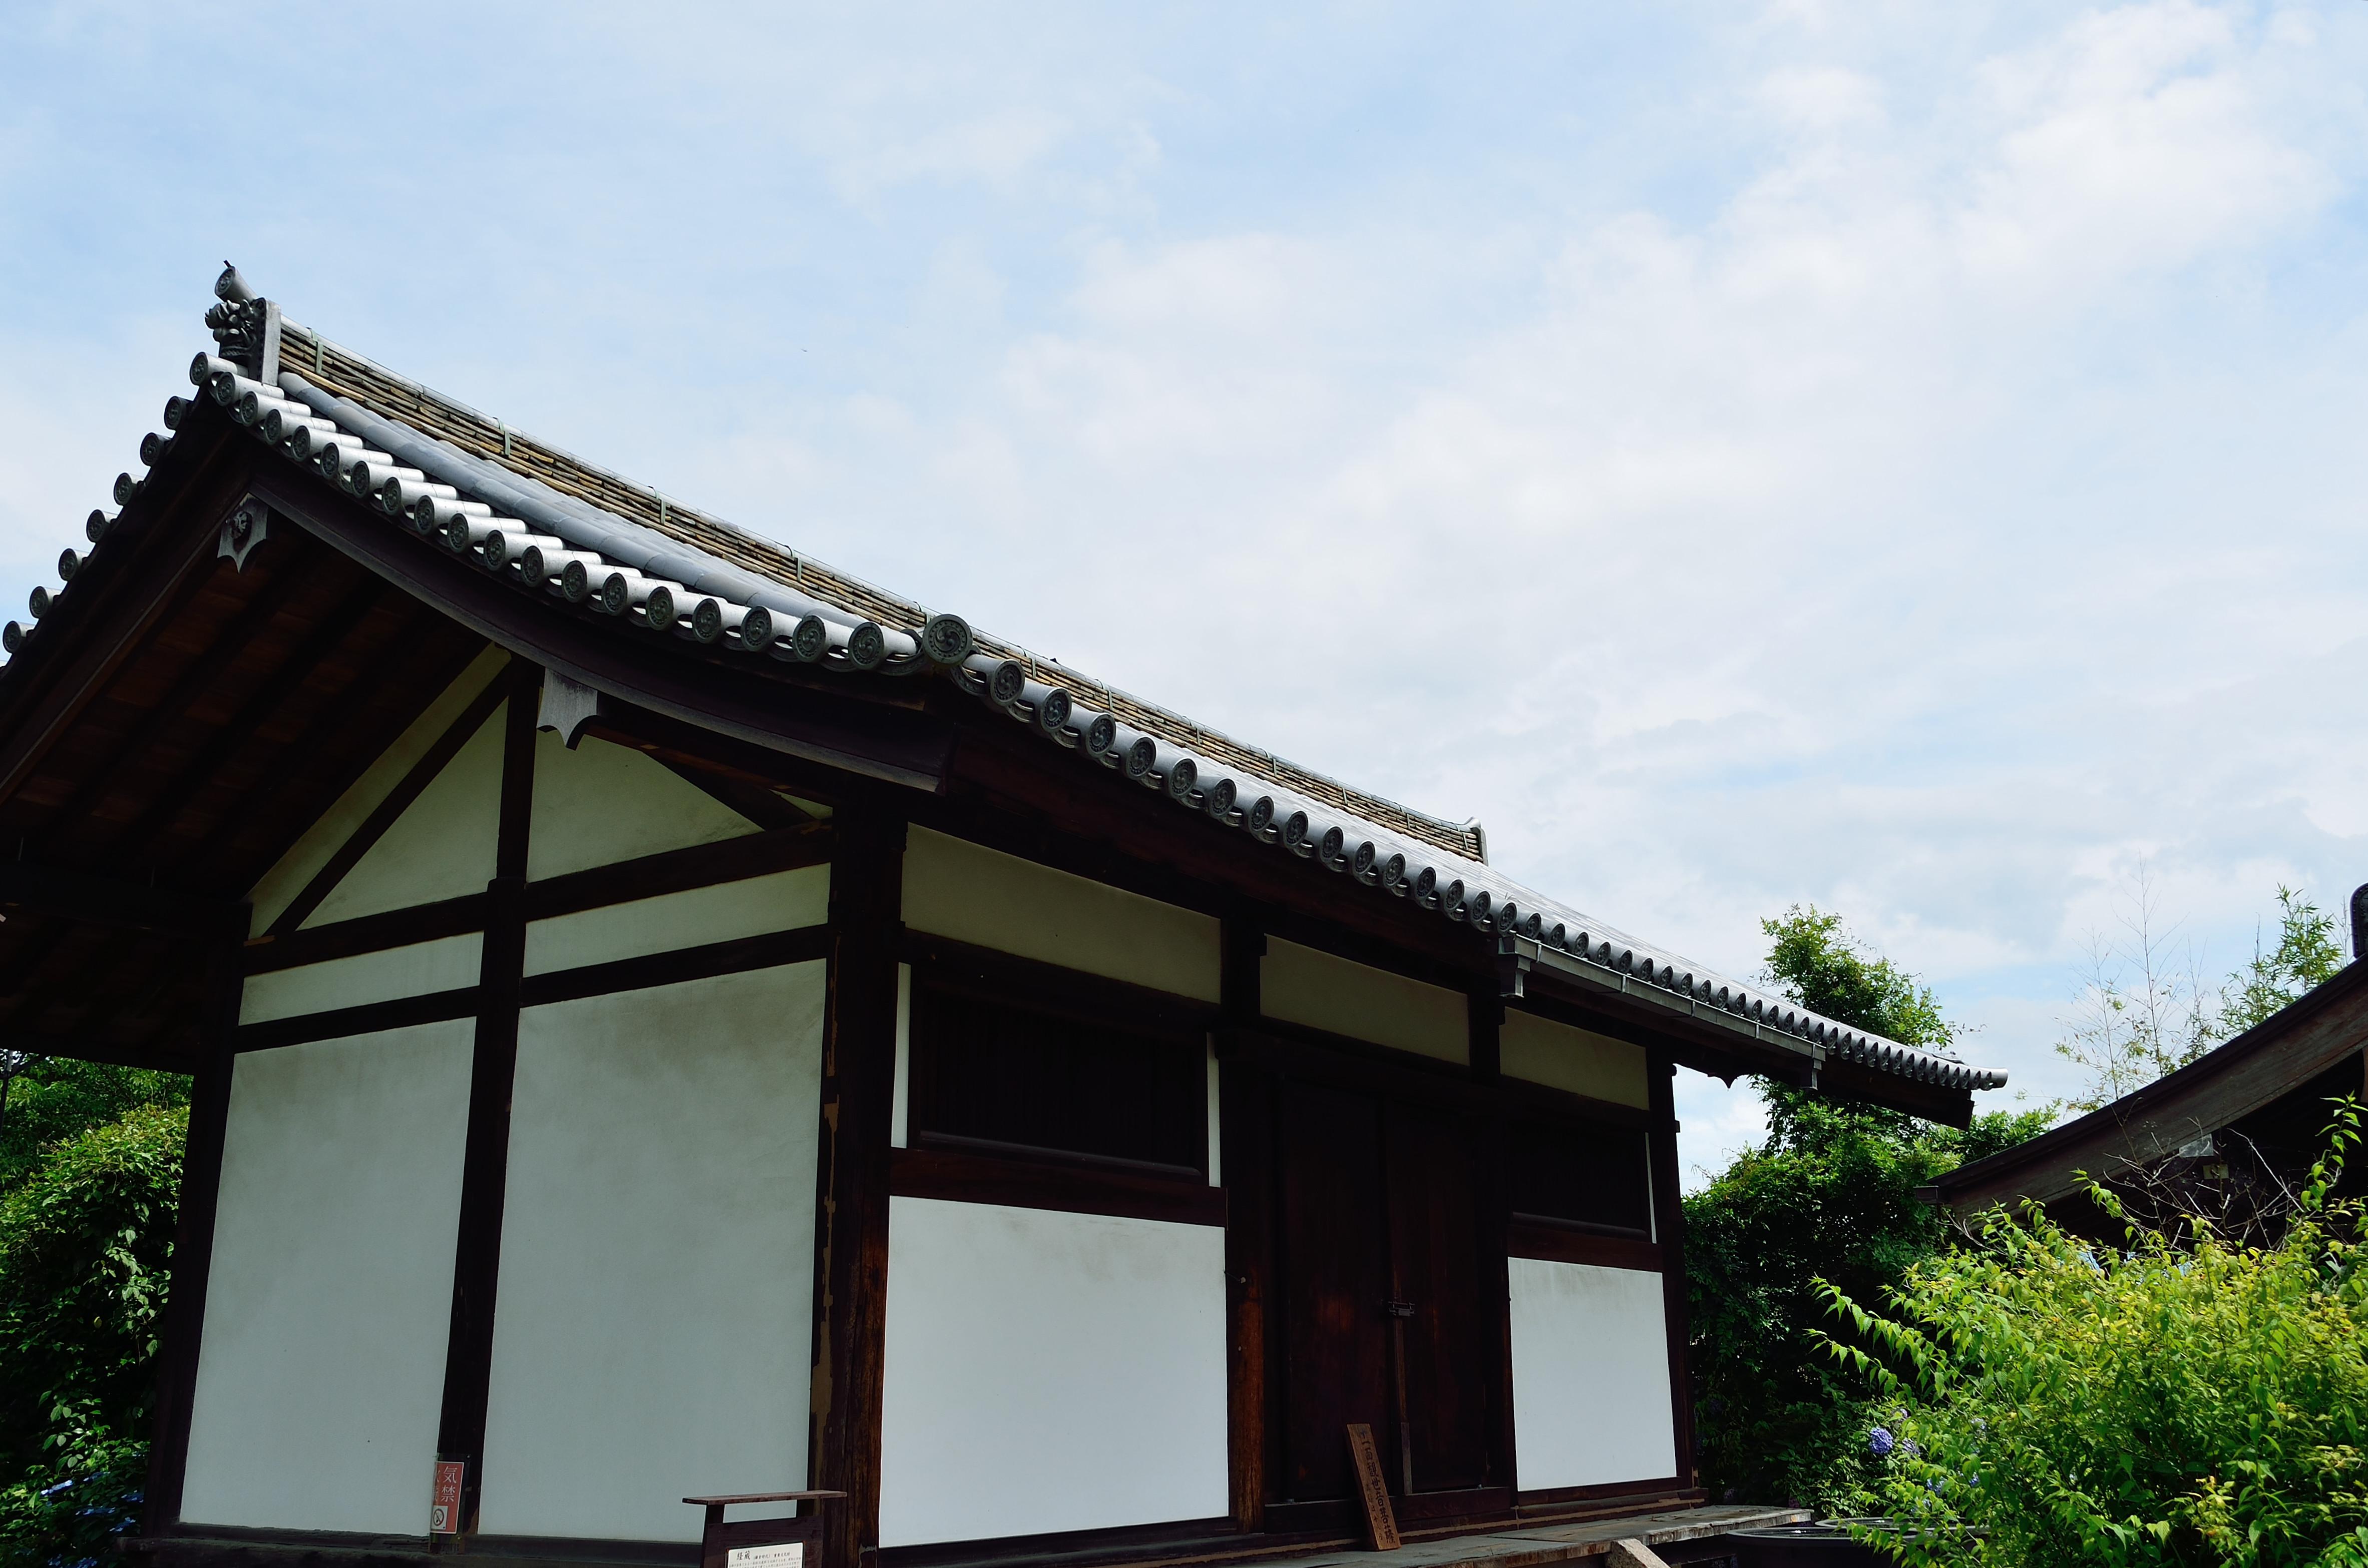 般若寺 経蔵